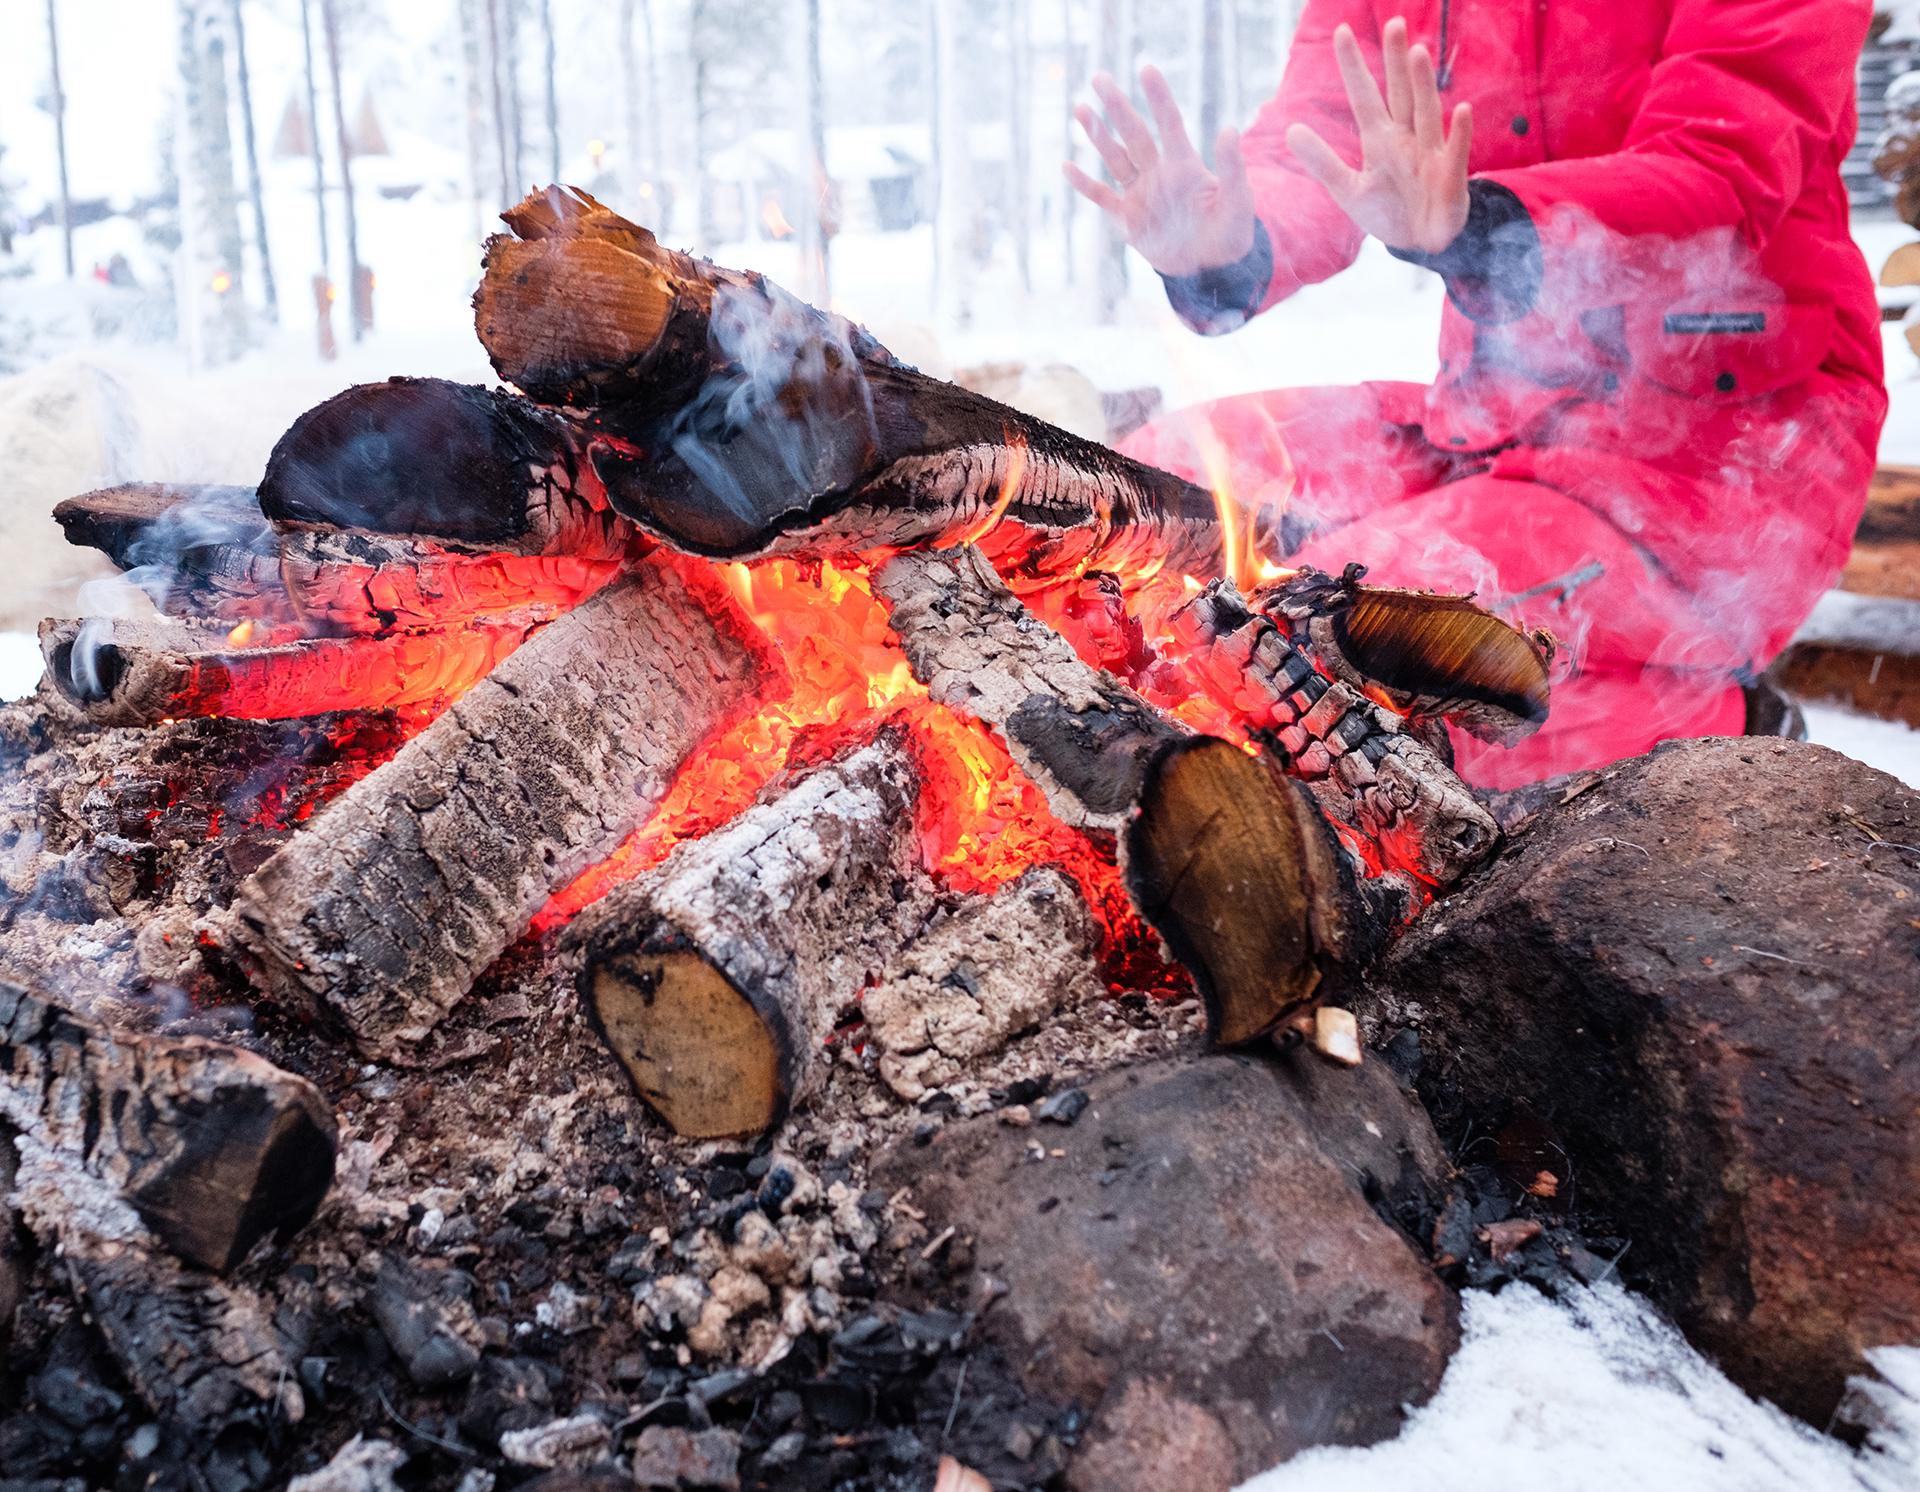 woman-near-bonfire-in-winter-landscape-P8GUDNX.jpg